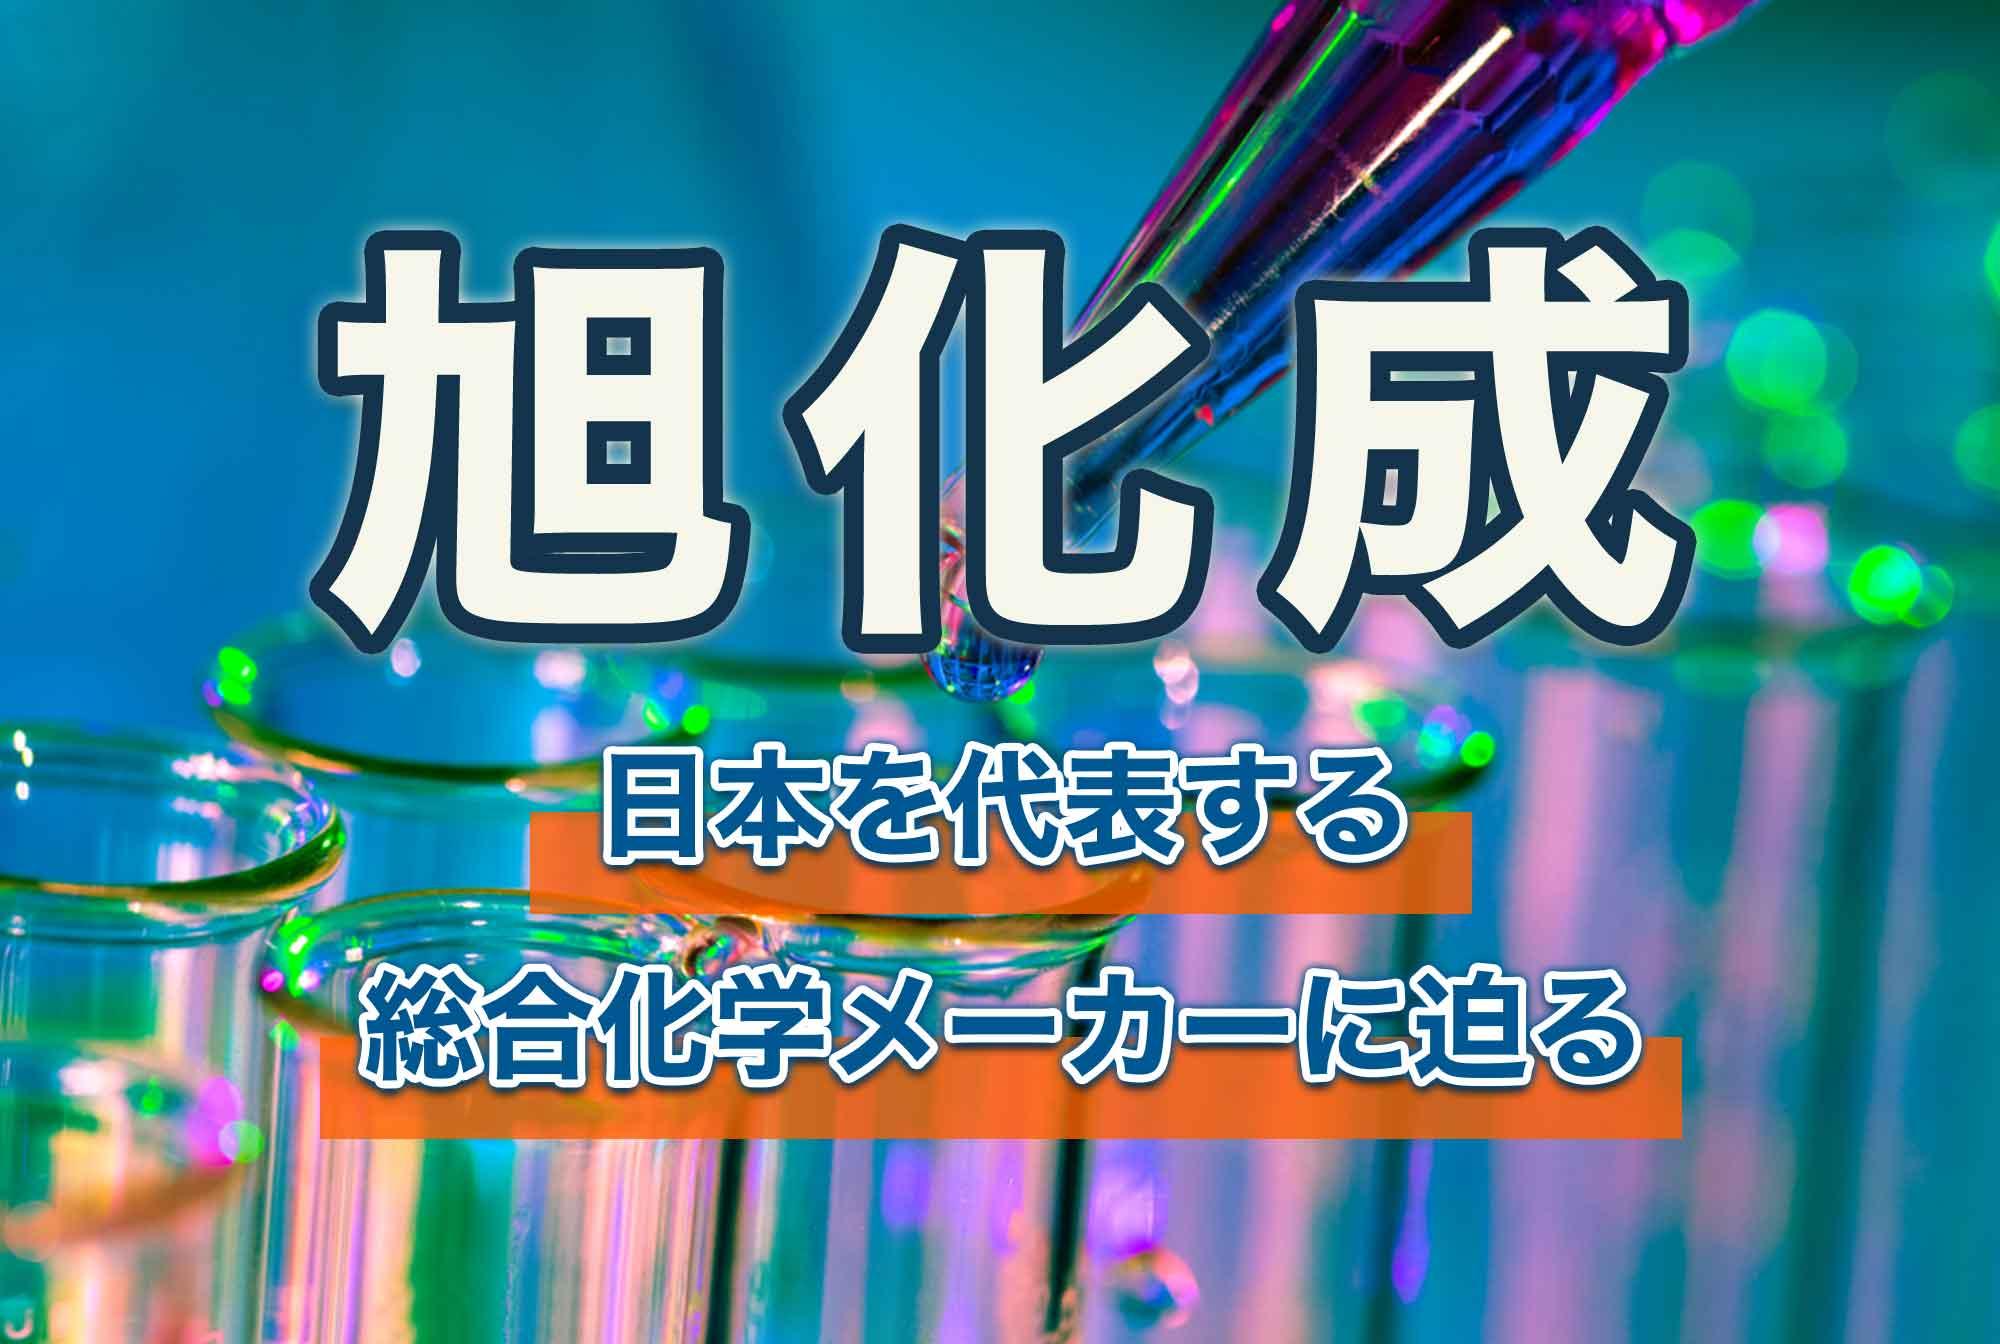 旭化成 日本 代表 総合化学メーカー